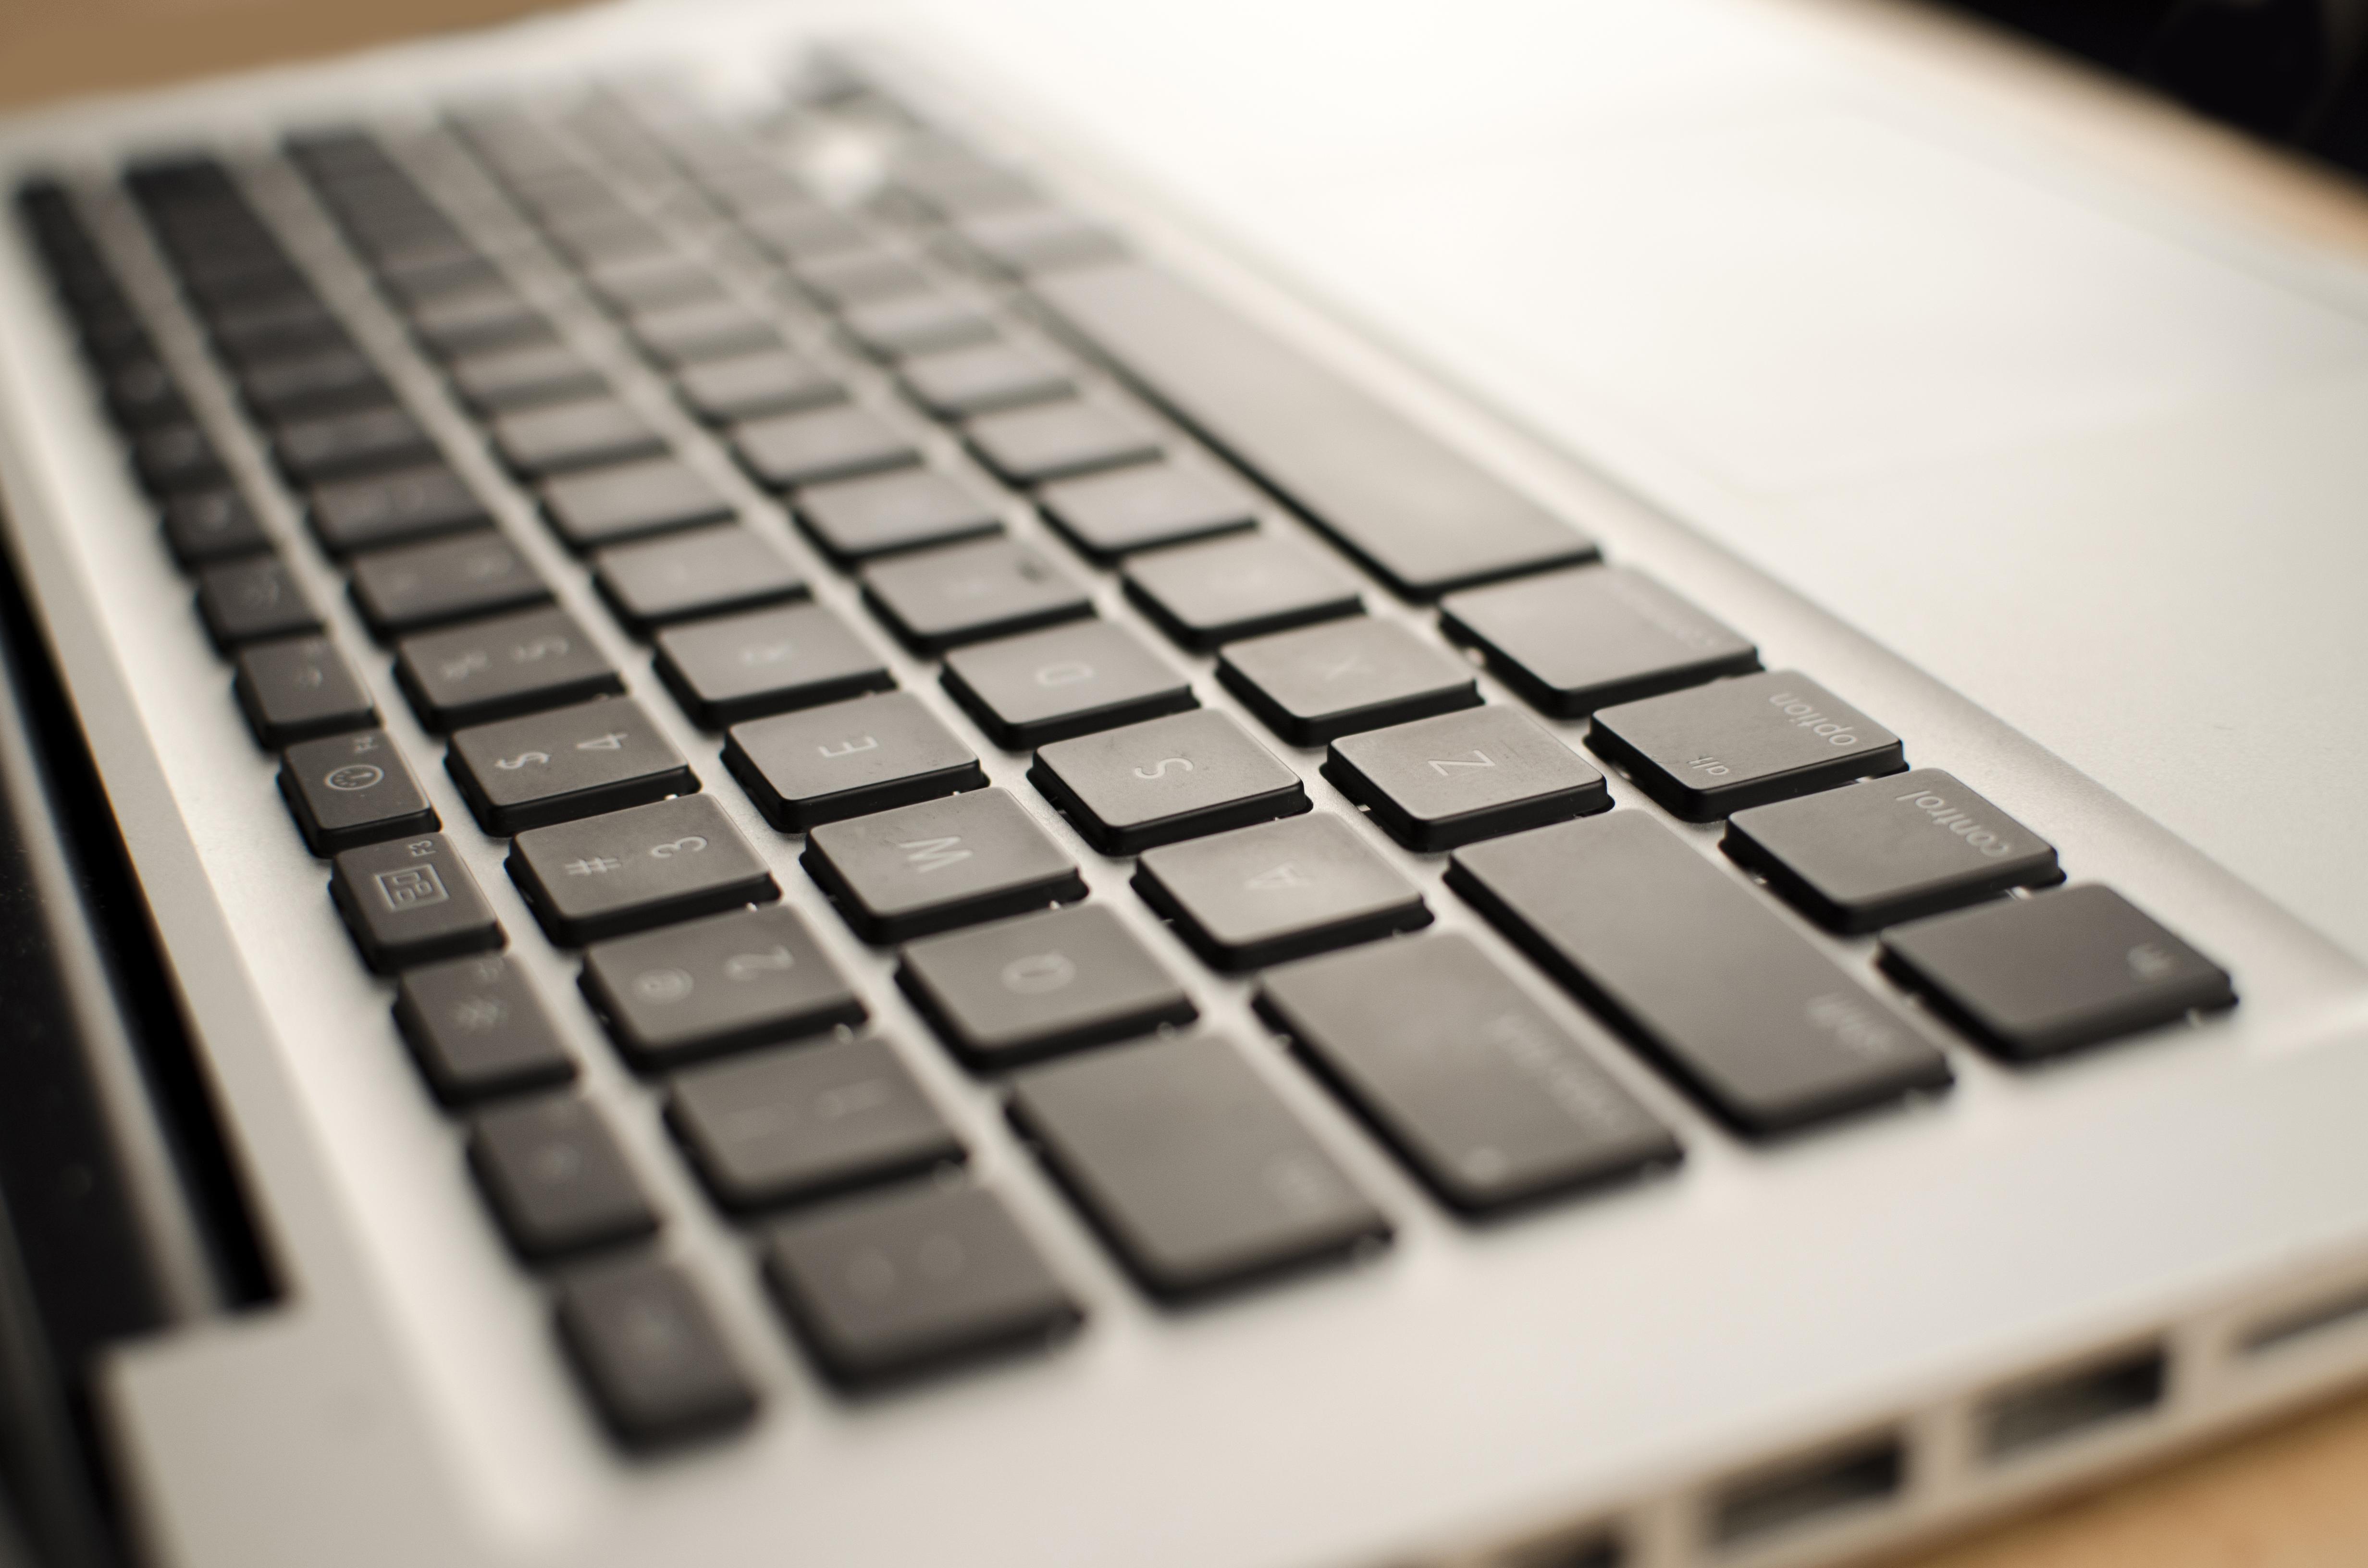 White laptop keyboard photo